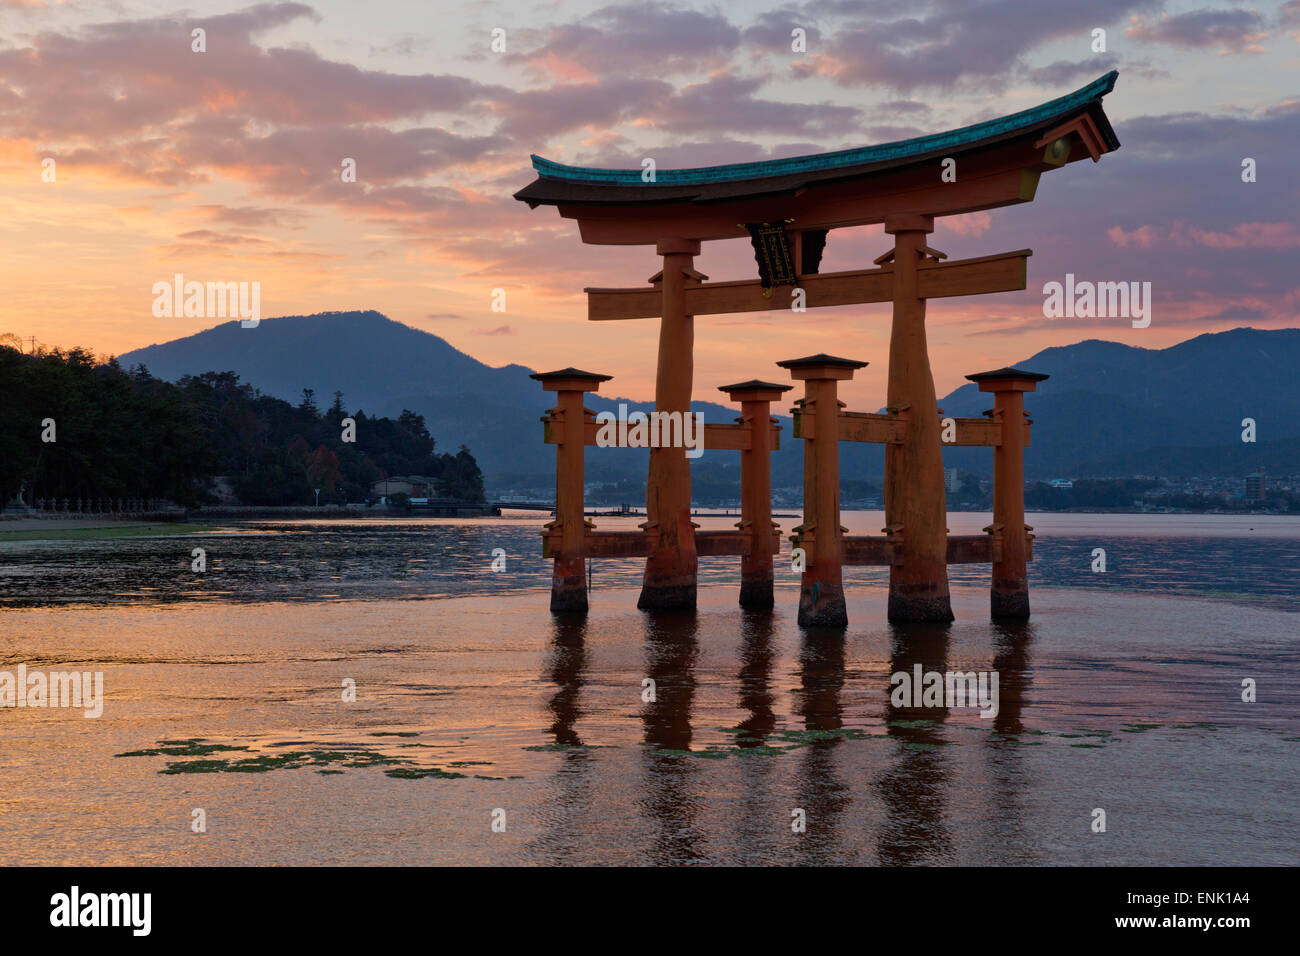 Le Miyajima de torii flottant d'Itsukushima au coucher du soleil, l'UNESCO, l'île de Miyajima, Photo Stock